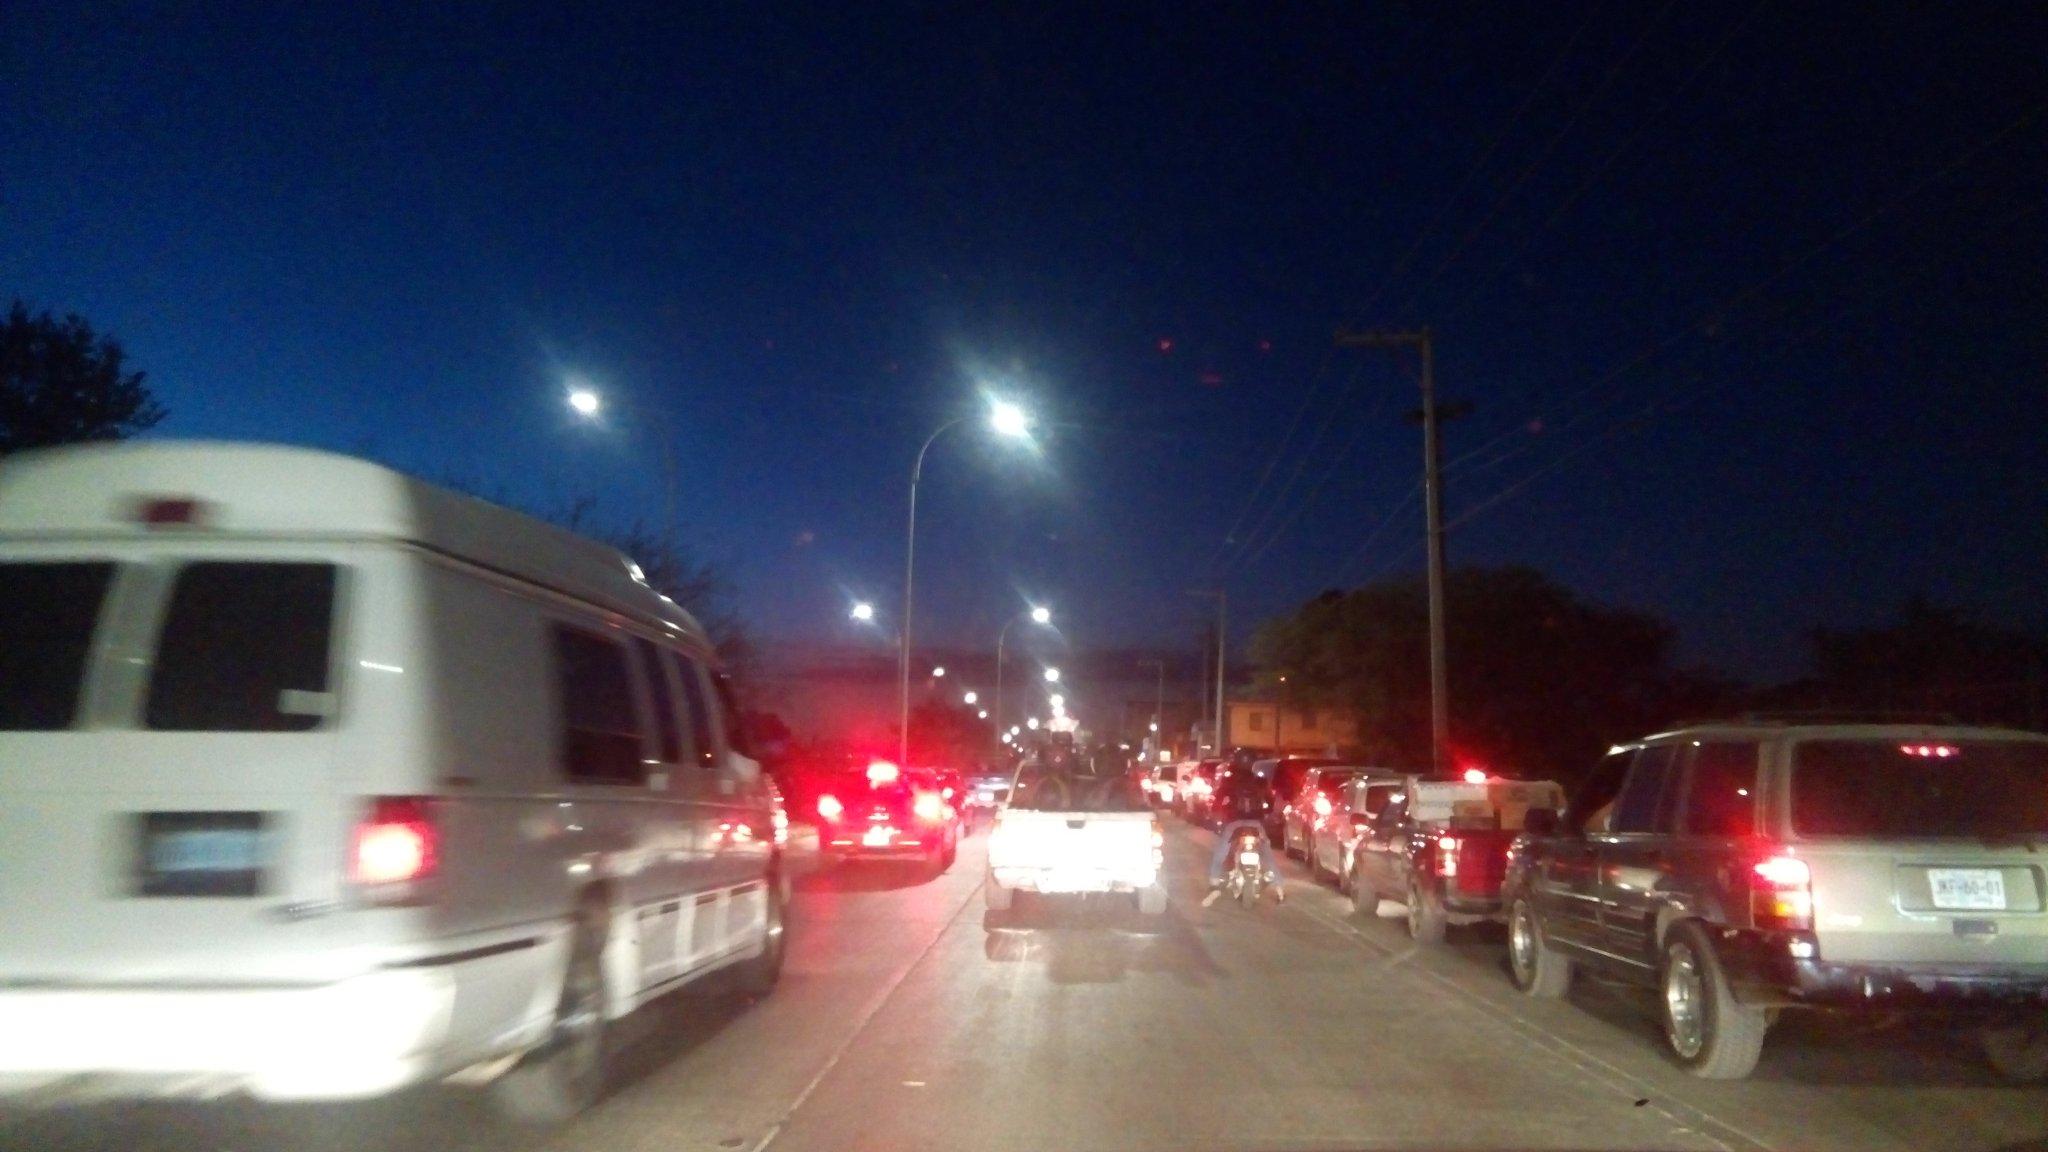 Trafico lento en Blvd. Timoteo Lozano causado por las filas para cargar en gasolinera de la esquina de San Pedro @vialidad_leon #Precaucion https://t.co/36DlT2gWlJ